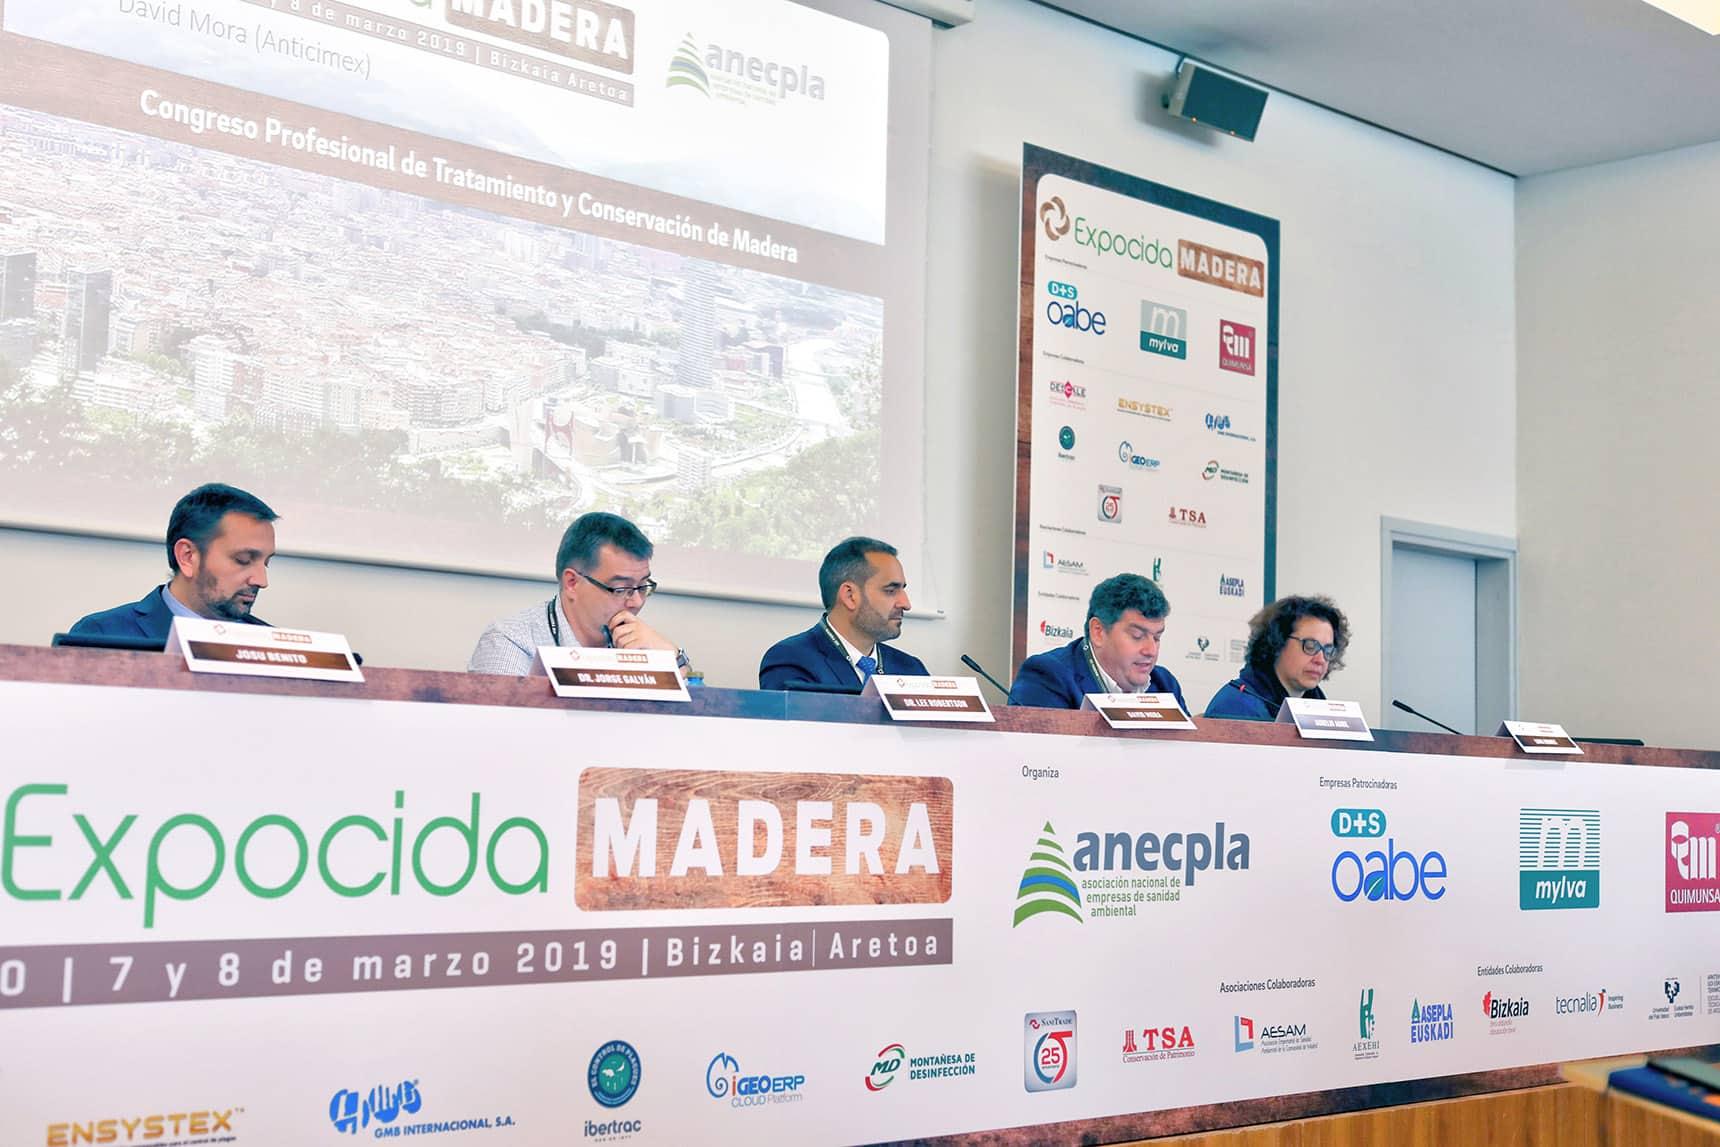 Expocida Madera 2019